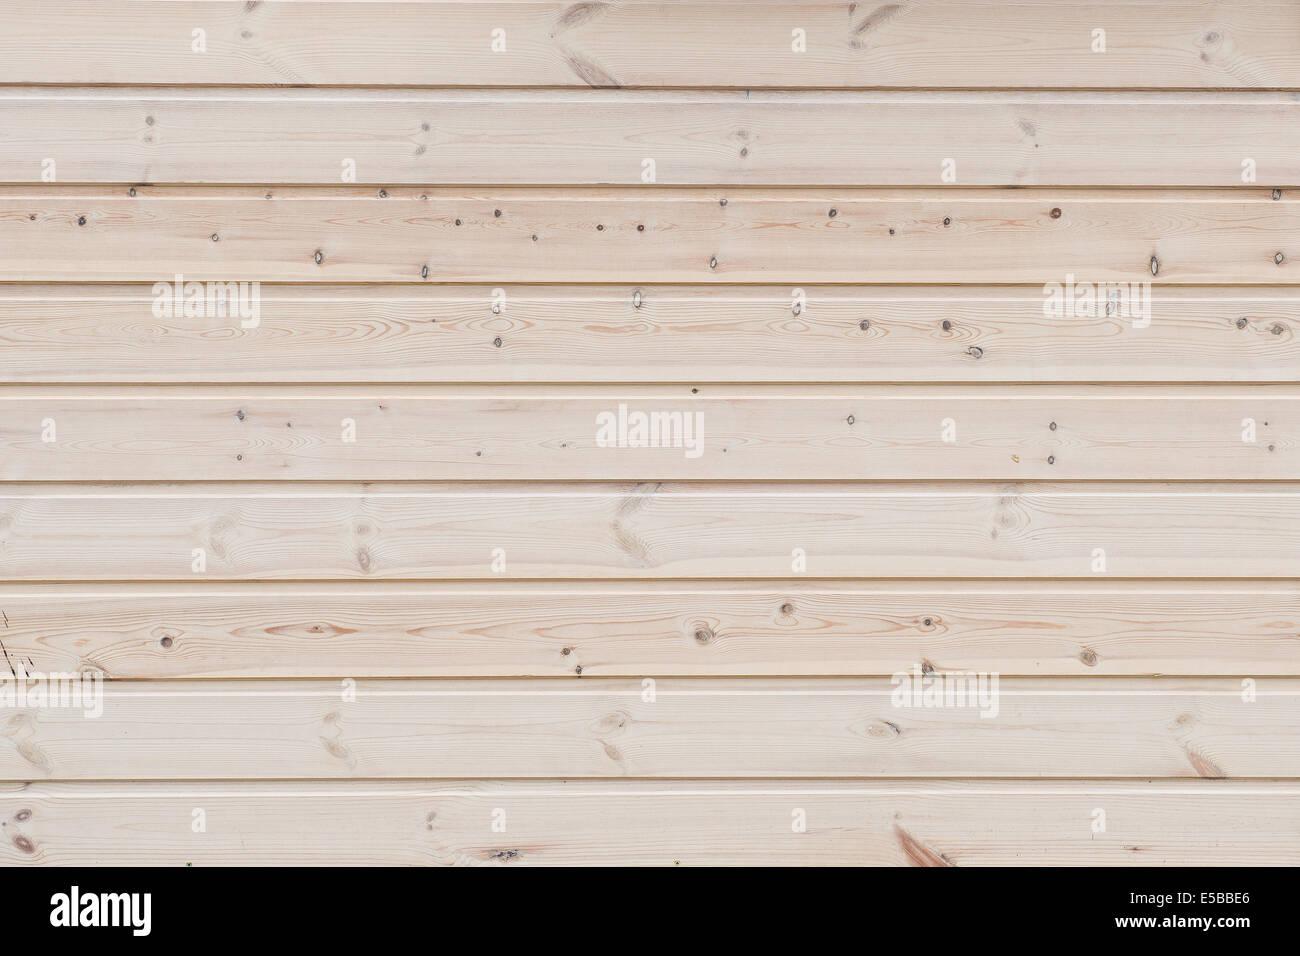 hölzerne Hintergrund - horizontal gestapelten Fichtenbrettern Stockbild